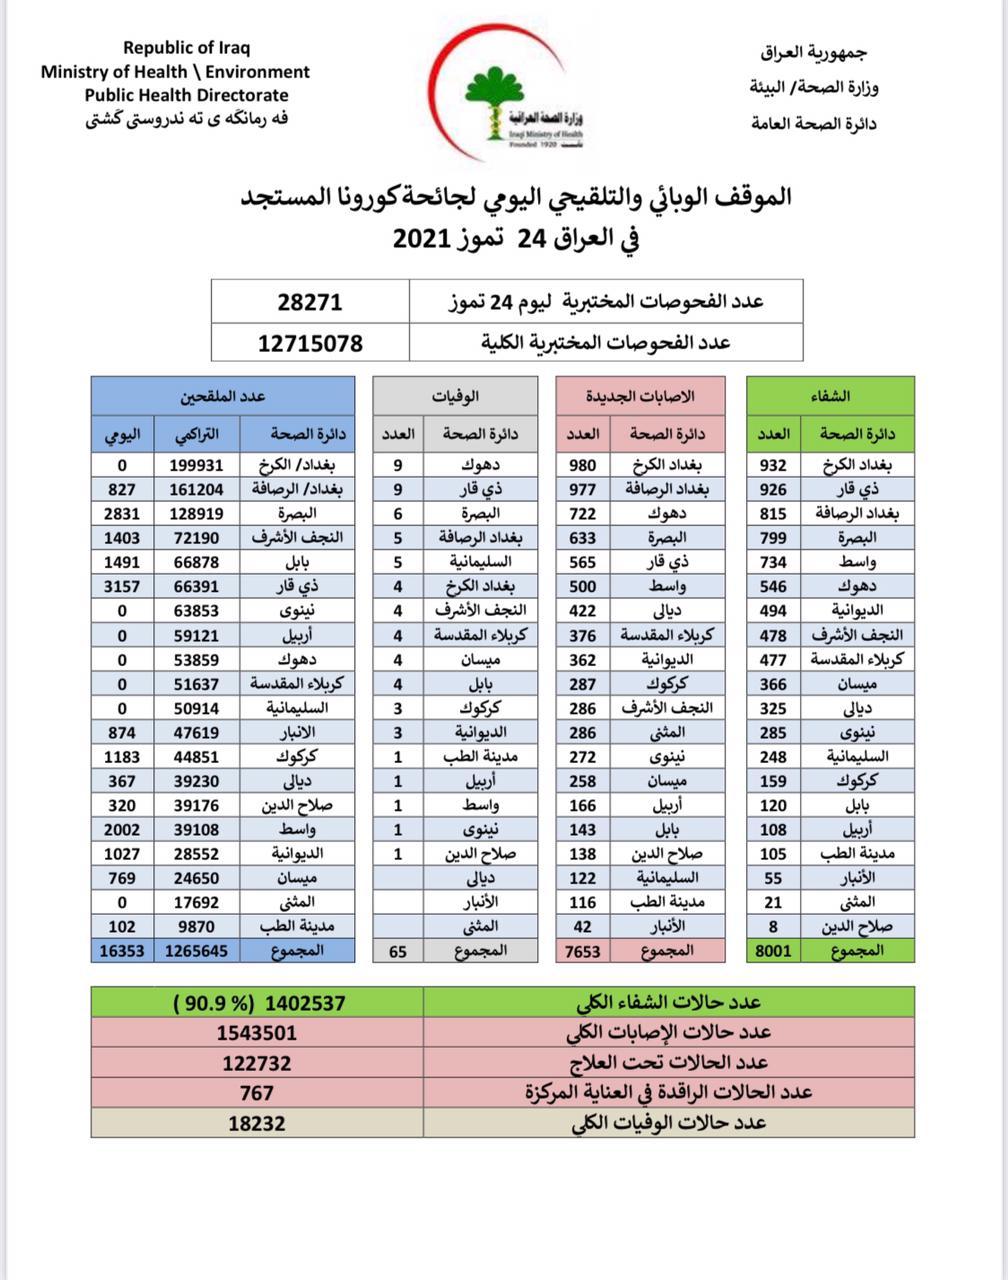 الصحة تعلن الموقف الوبائي في #العراق